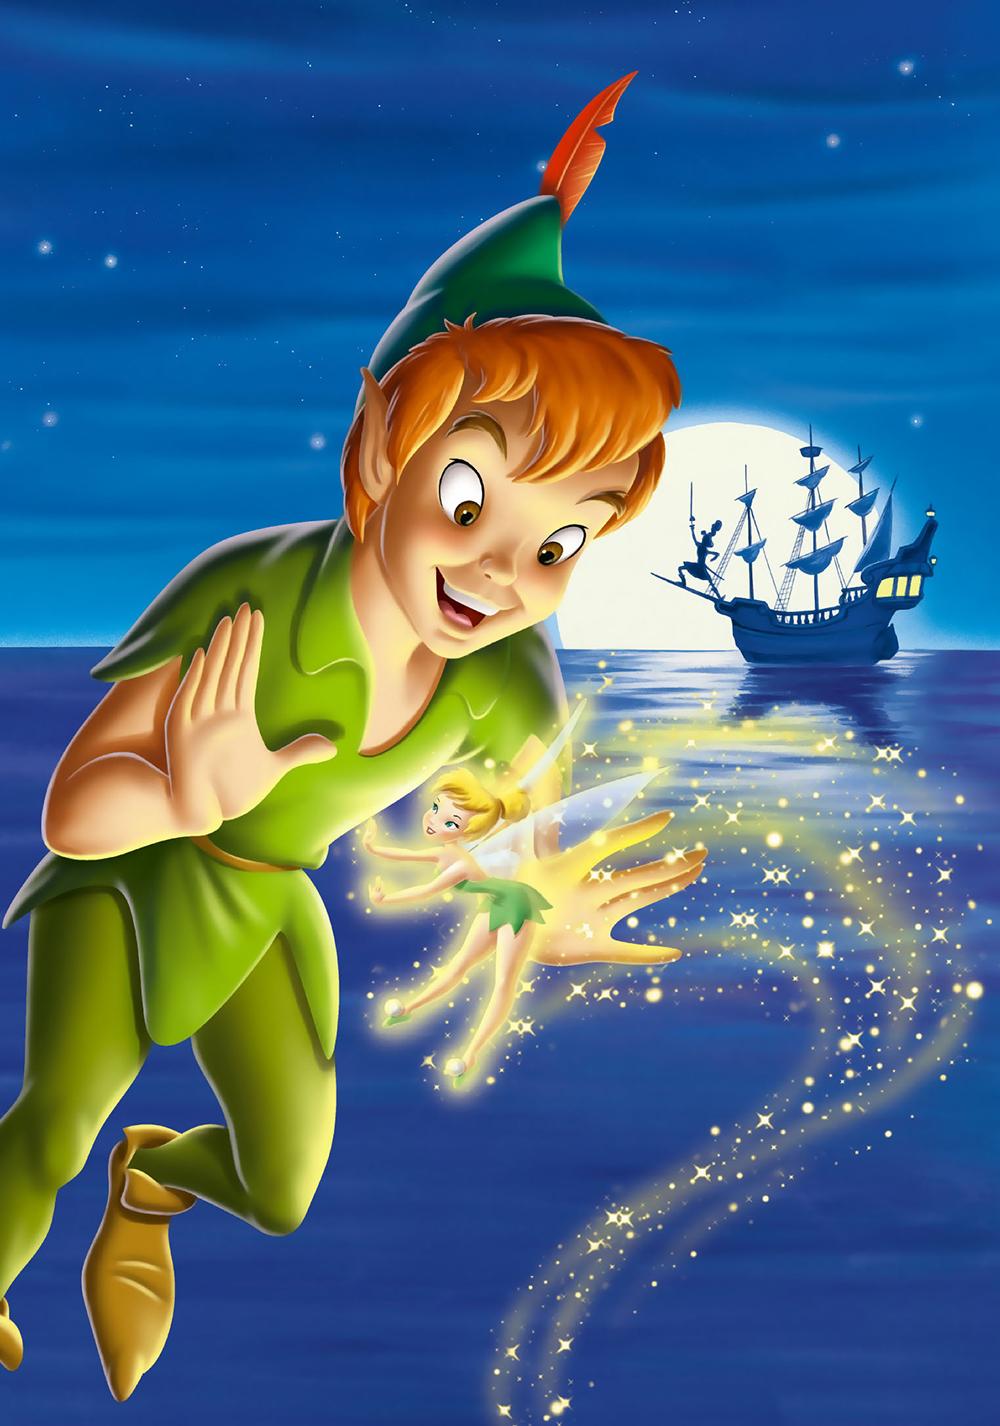 Peter pan movie fanart - Image peter pan ...